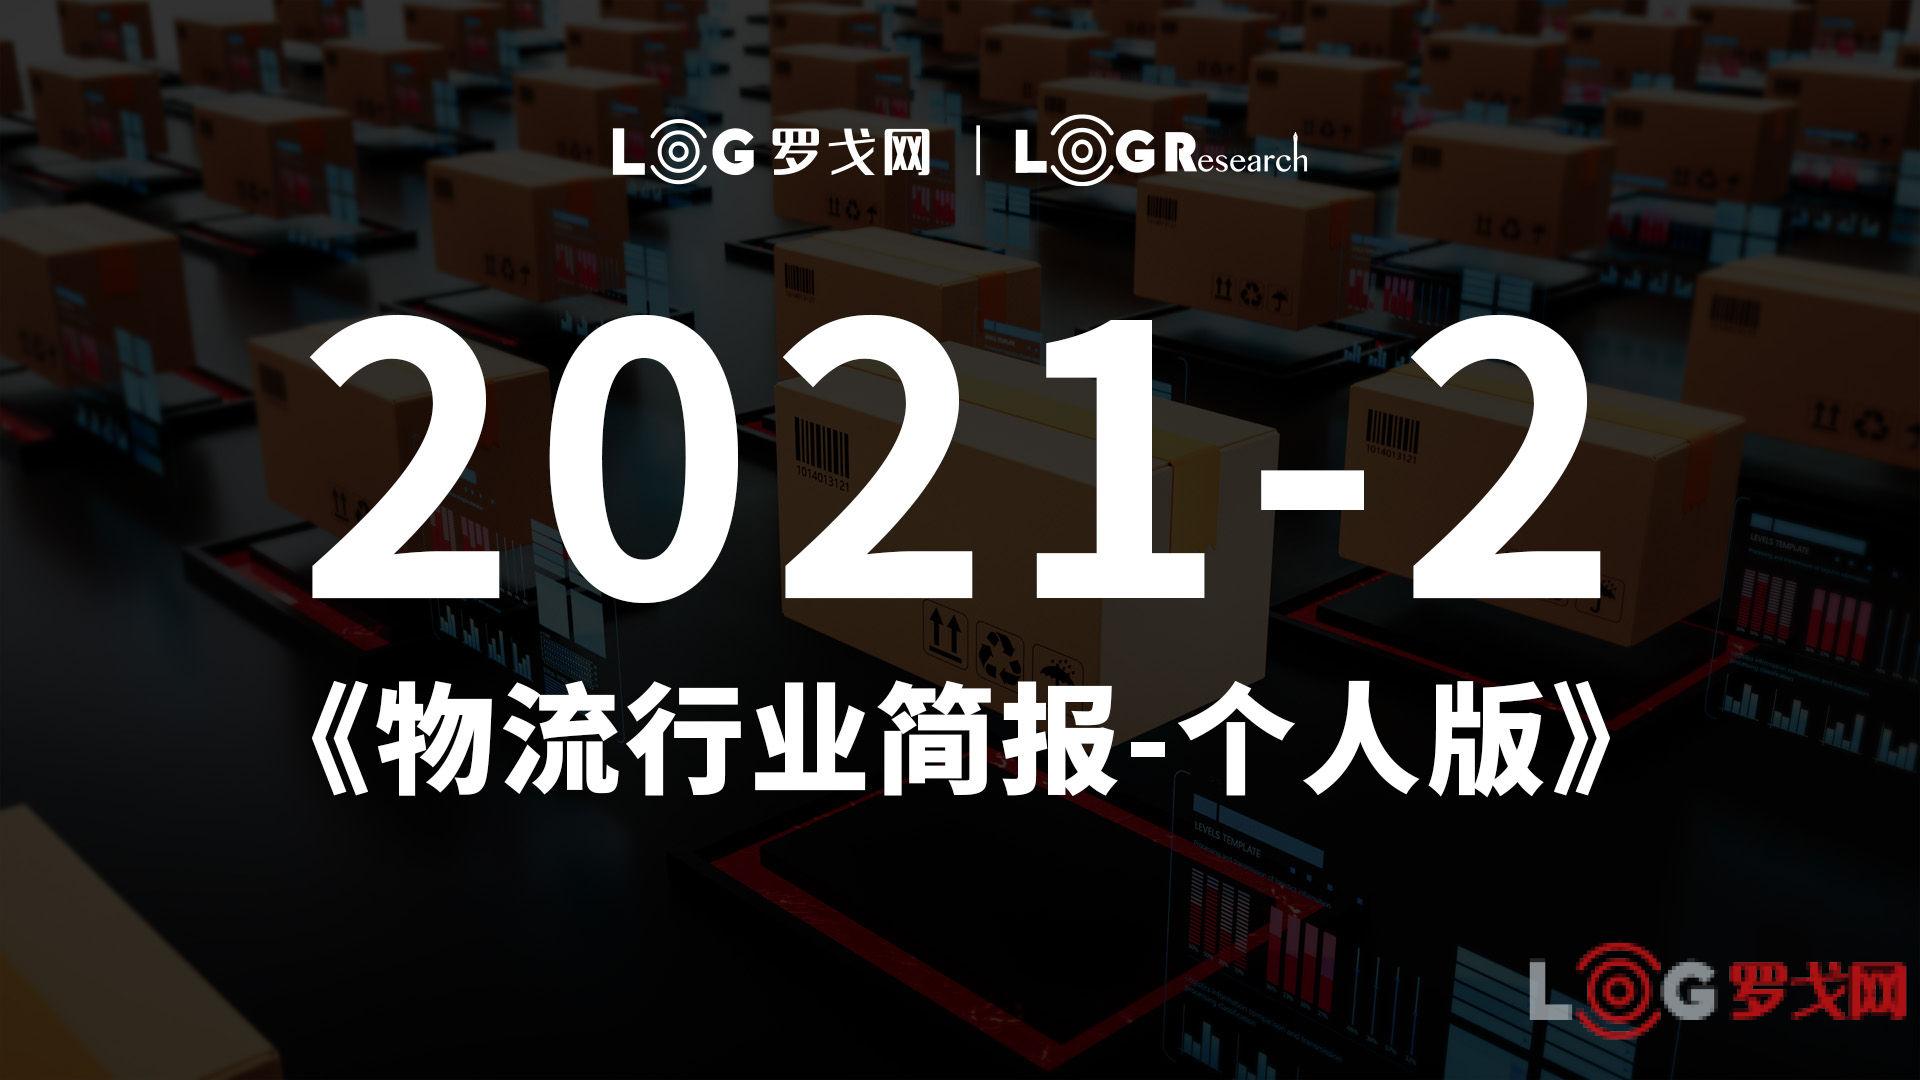 2021-02物流行业简报-个人版